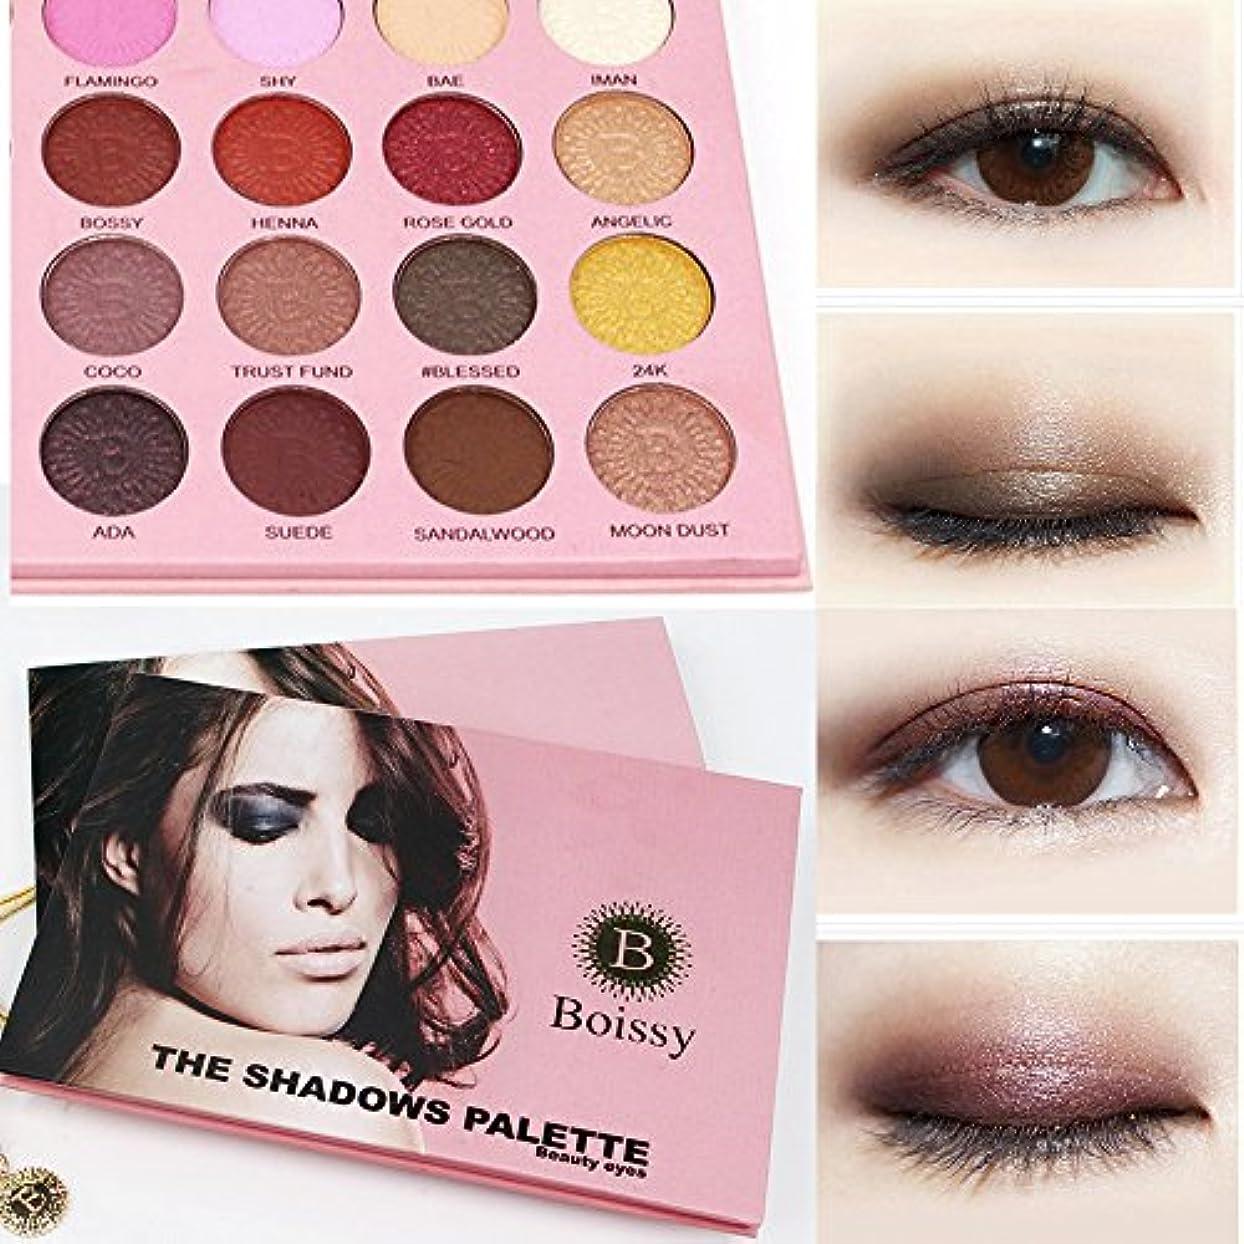 事業事件、出来事エラービューティー アイシャドー BOBOGOJP 24色 パール/マット 2in1 アイシャドー パレット 化粧セット Eyeshadow Palette 携帯便利 多機能 アイメイク道具 (Multicolor)